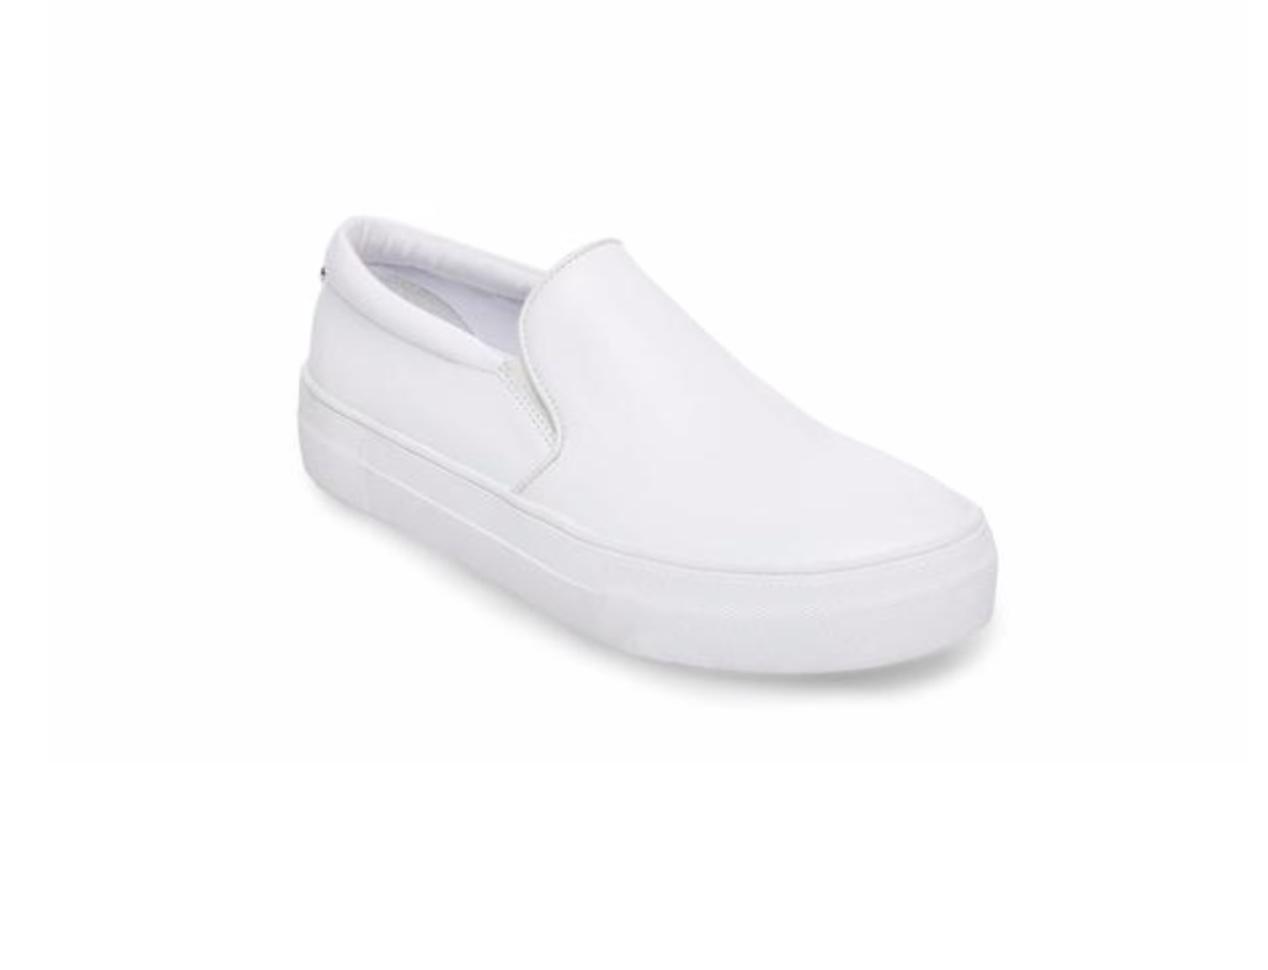 Gills White Leather Sneaker by Steve Madden, $79.95  Photo Credit:  Steve Madden